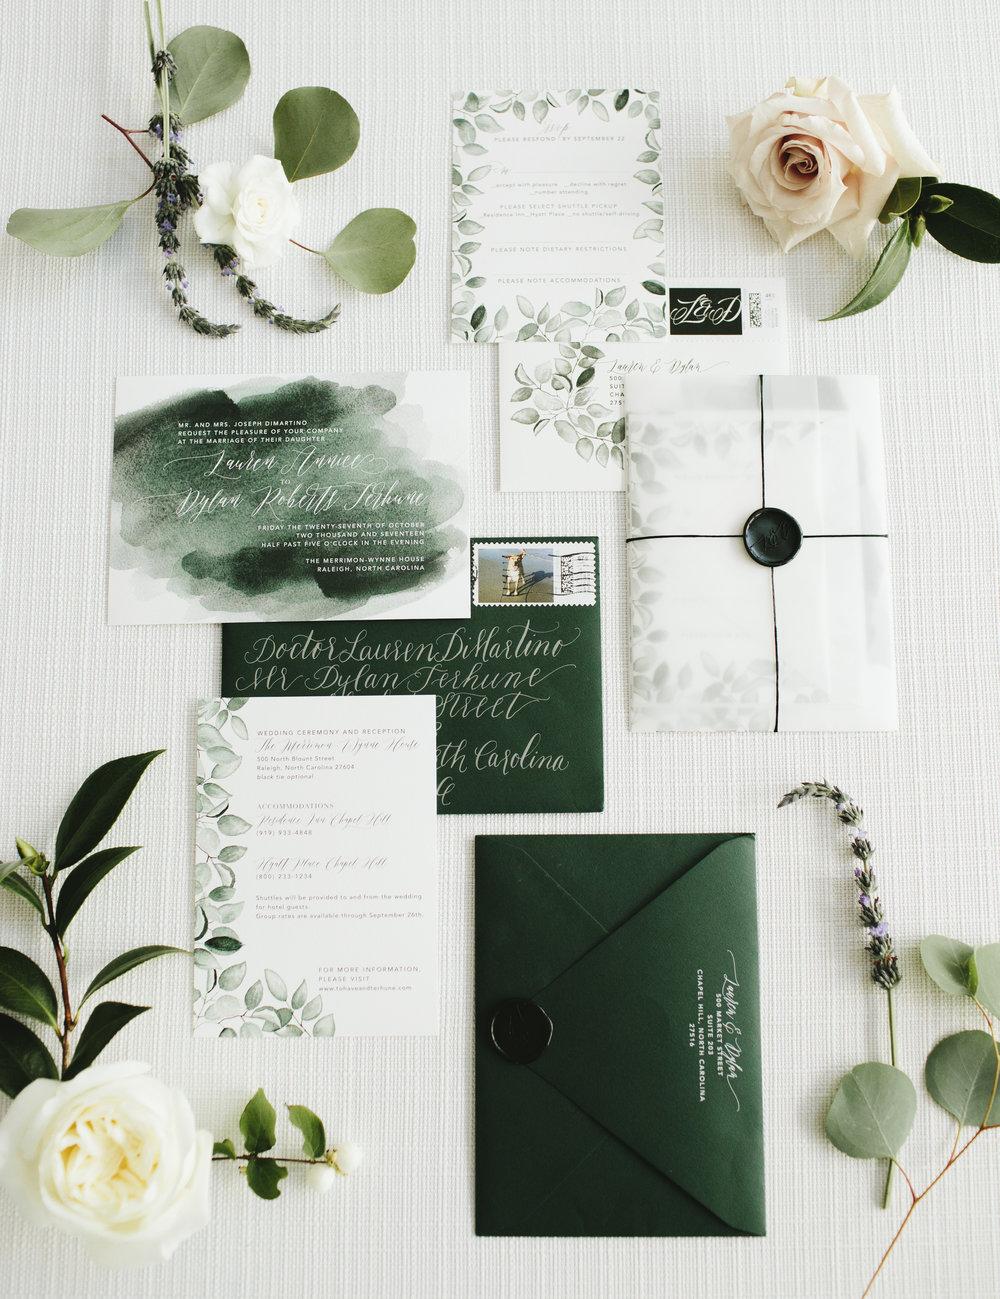 Lauren & Dylan's Restaurant Inspired Wedding Watercolor Invitation Suite